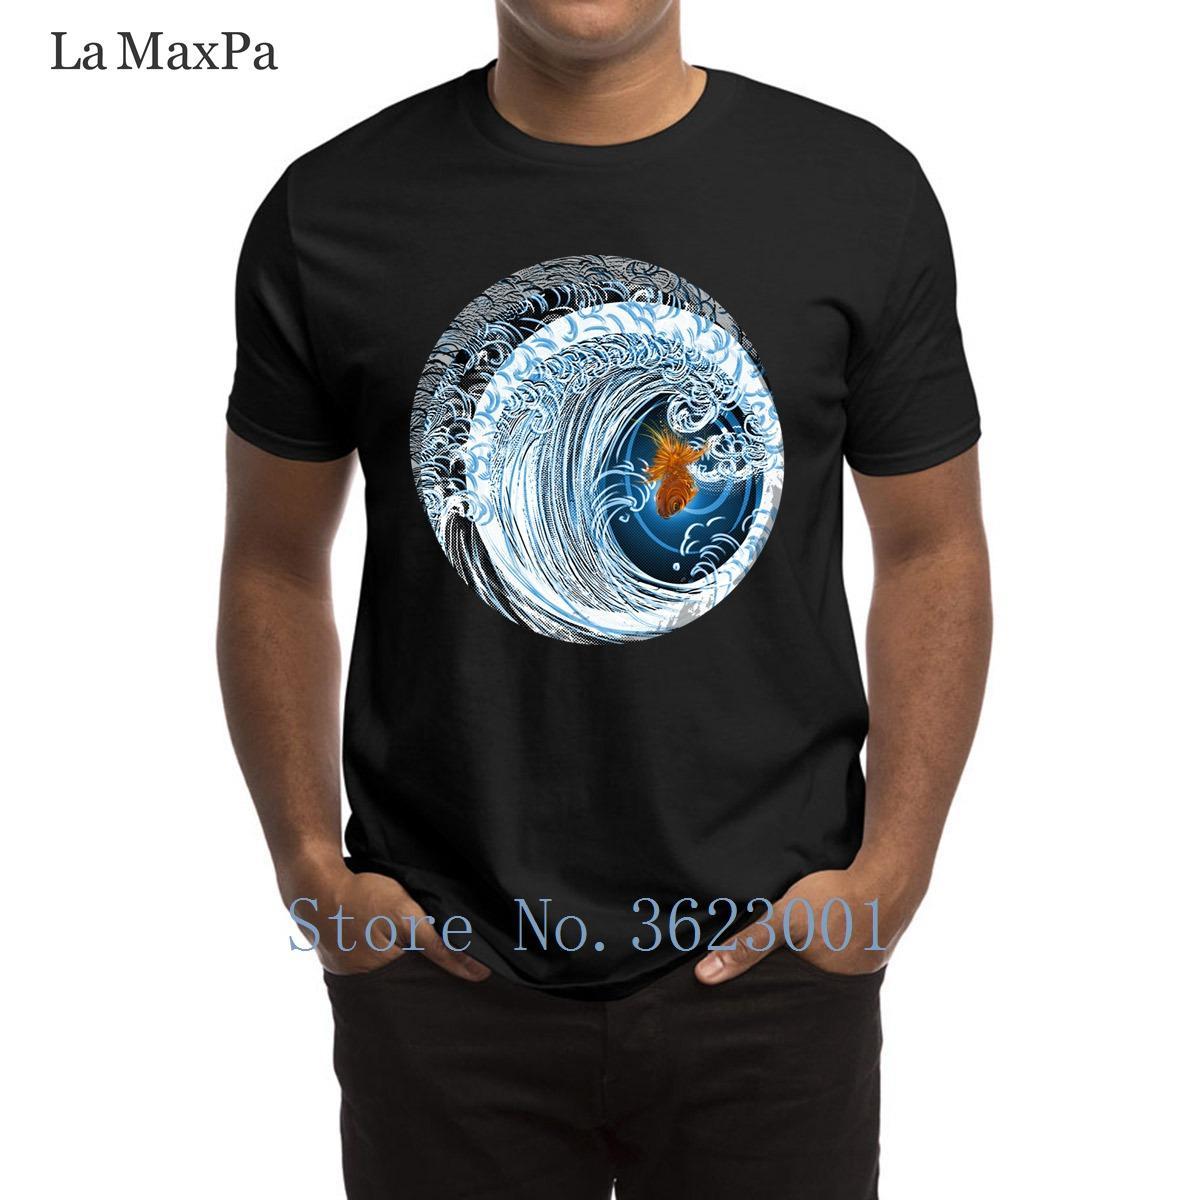 Tişört Hiphop Top 3XL Letter Erkek Tişört Altın In Blue Mens T Shirt Zeki Katı Renk Tee Gömlek Adam Komik Artı boyutu yazdır